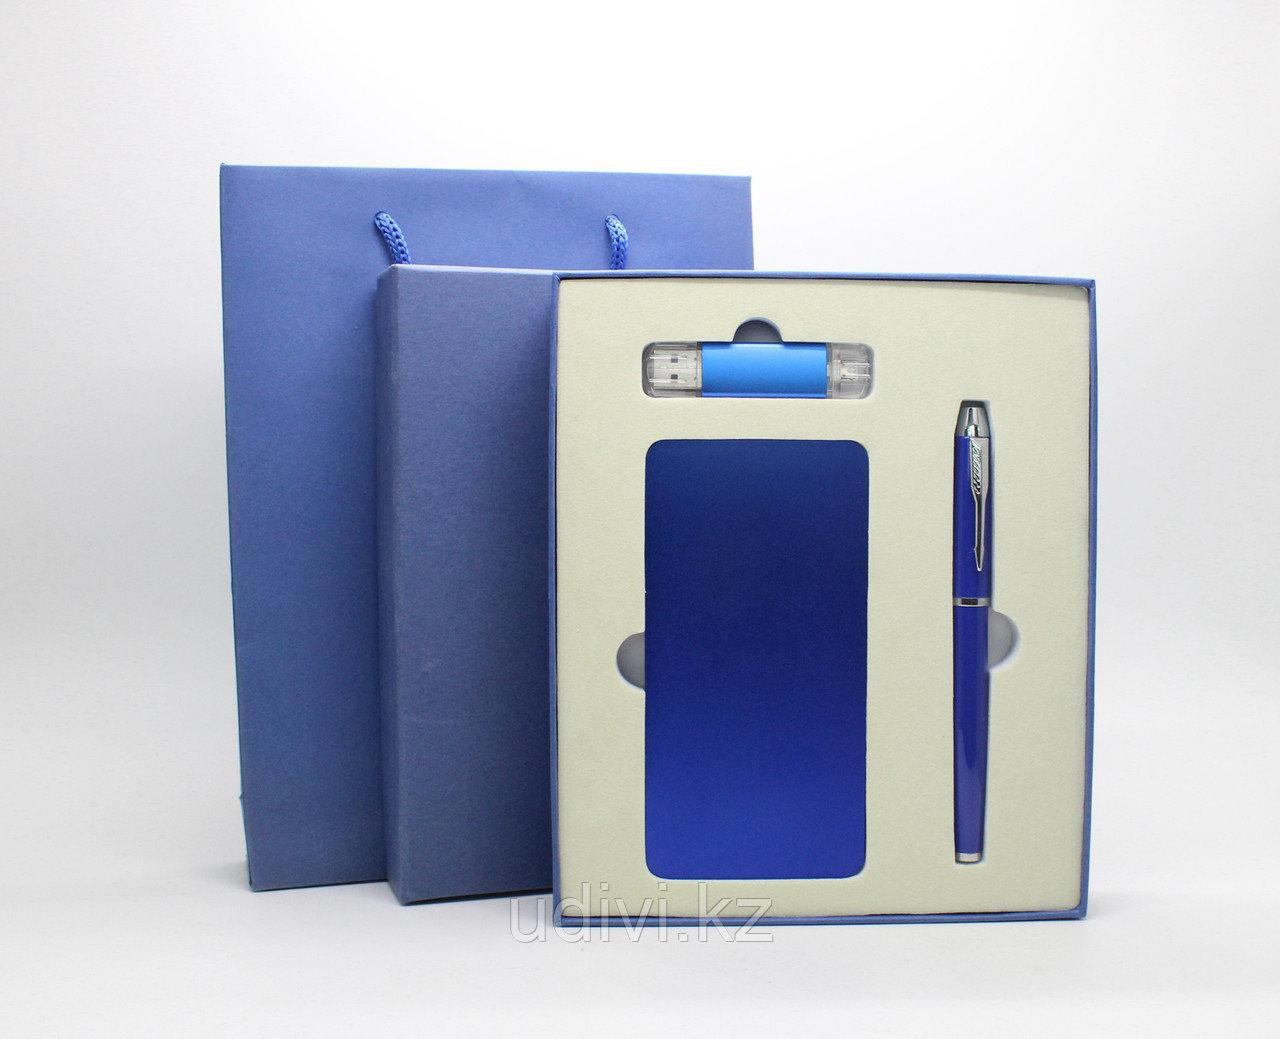 Подарочный набор Пауэрбанк, ручка и флешка